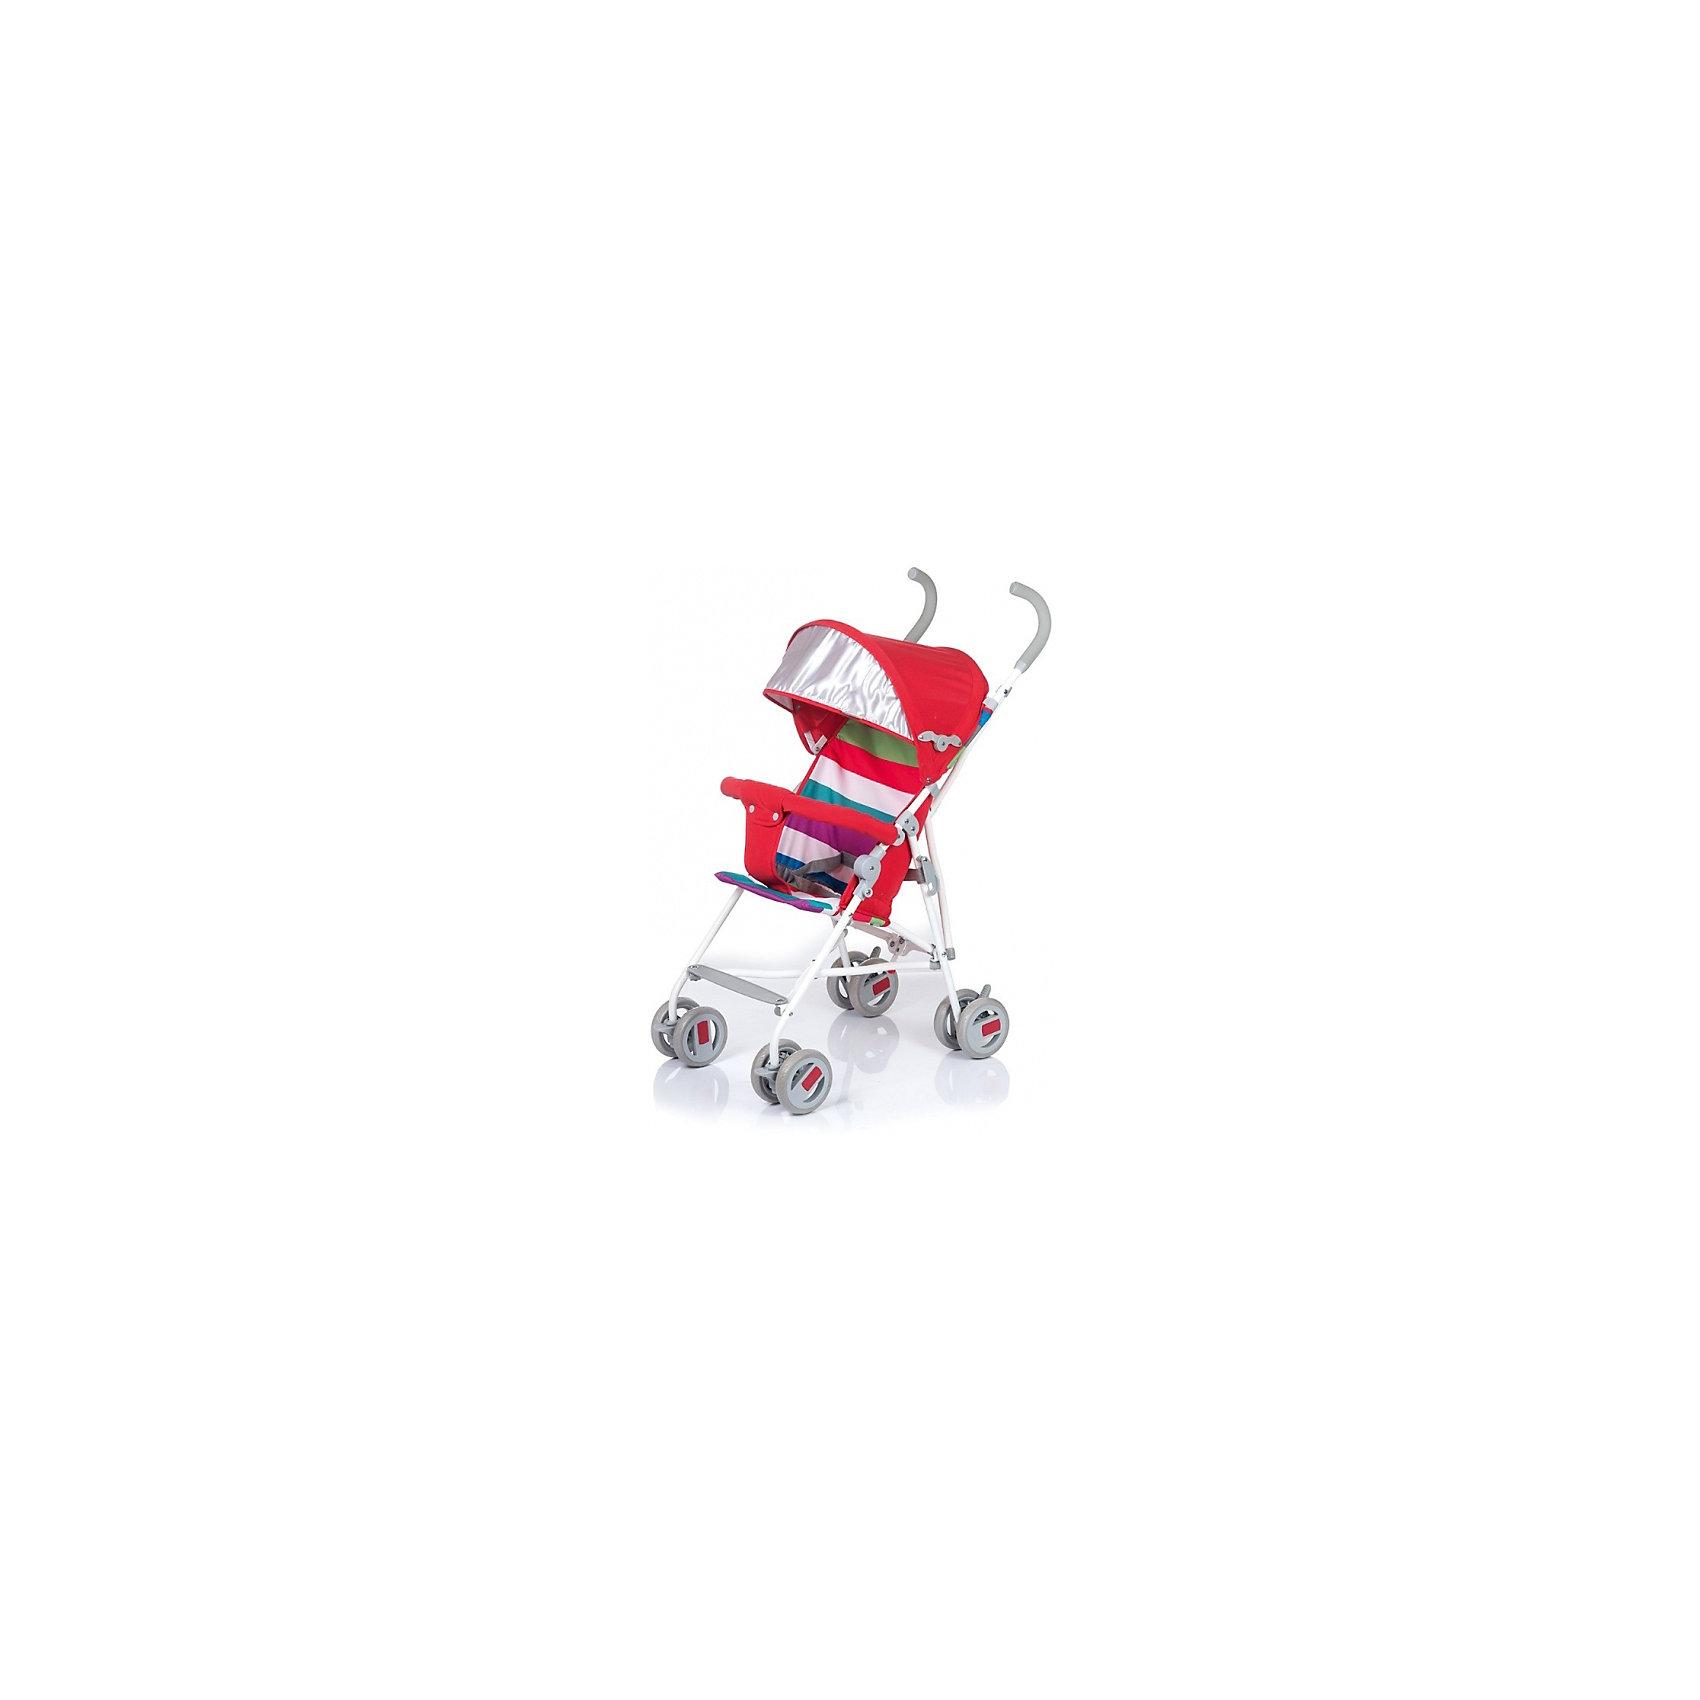 Коляска-трость BabyHit WEENY Полоска, красныйКоляски-трости<br>Характеристики коляски:<br><br>• защитный бампер с мягким разделителем;<br>• защитный поясной ремень;<br>• капюшон оснащен широким солнцезащитным козырьком;<br>• малыш может поставить ножки на пластиковую подножку;<br>• сдвоенные колеса на передней и задней оси;<br>• передние «плавающие» колеса с фиксаторами;<br>• ножной тормоз;<br>• высота спинки: 46 см;<br>• диаметр колес: 12,7 см;<br>• тип складывания коляски: трость.<br><br>Обратите внимание: <br>• спинка и подножка коляски не регулируется;<br>• коляска без корзины для покупок.<br><br>Размер коляски: 75х45х93 см<br>Вес коляски: 4,1 кг<br>Размер коляски в сложенном виде: 109х29,5х27,5 см<br>Размер упаковки: 105х41х29 см<br>Вес в упаковке: 4,5 кг<br><br>Легкая и маневренная коляска-трость отлично подходит для путешествий с маленьким ребенком, не занимает много места в багажнике автомобиля, быстро складывается и раскладывается. Ребенок не соскользнет вниз благодаря защитному поручню с паховым ограничителем. Сдвоенные колеса можно зафиксировать, когда коляска едет по песку или гальке. Коляска оснащена тормозами на задних колесах. <br><br>Коляску-трость WEENY, Babyhit можно купить в нашем интернет-магазине.<br><br>Ширина мм: 1050<br>Глубина мм: 290<br>Высота мм: 410<br>Вес г: 4625<br>Возраст от месяцев: 7<br>Возраст до месяцев: 36<br>Пол: Унисекс<br>Возраст: Детский<br>SKU: 6668599